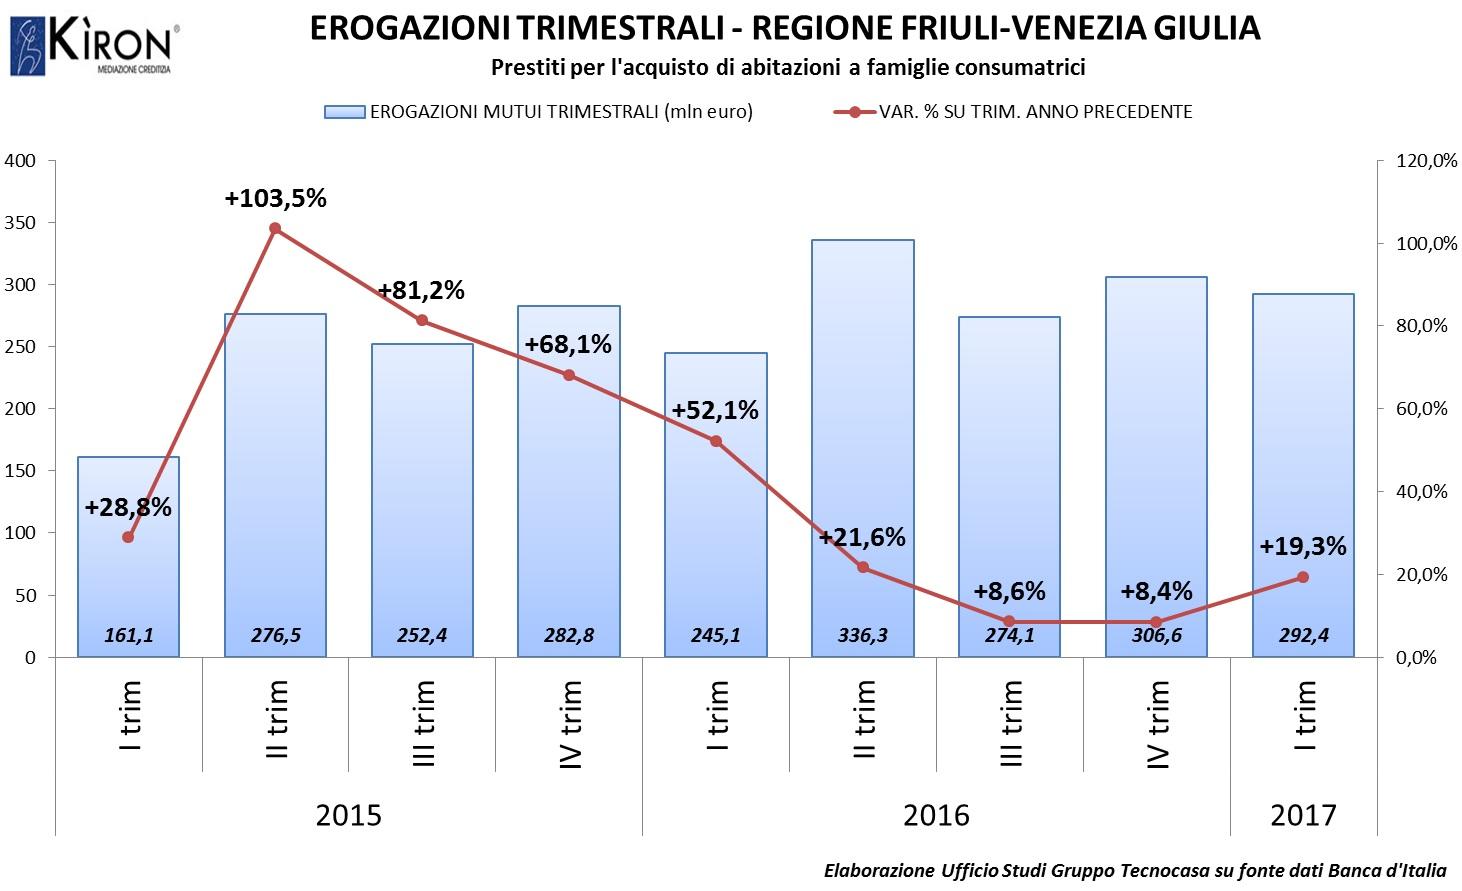 Mutui friuli venezia giulia itrim2017 news tecnocasa - Contributo regionale fvg prima casa 2017 ...